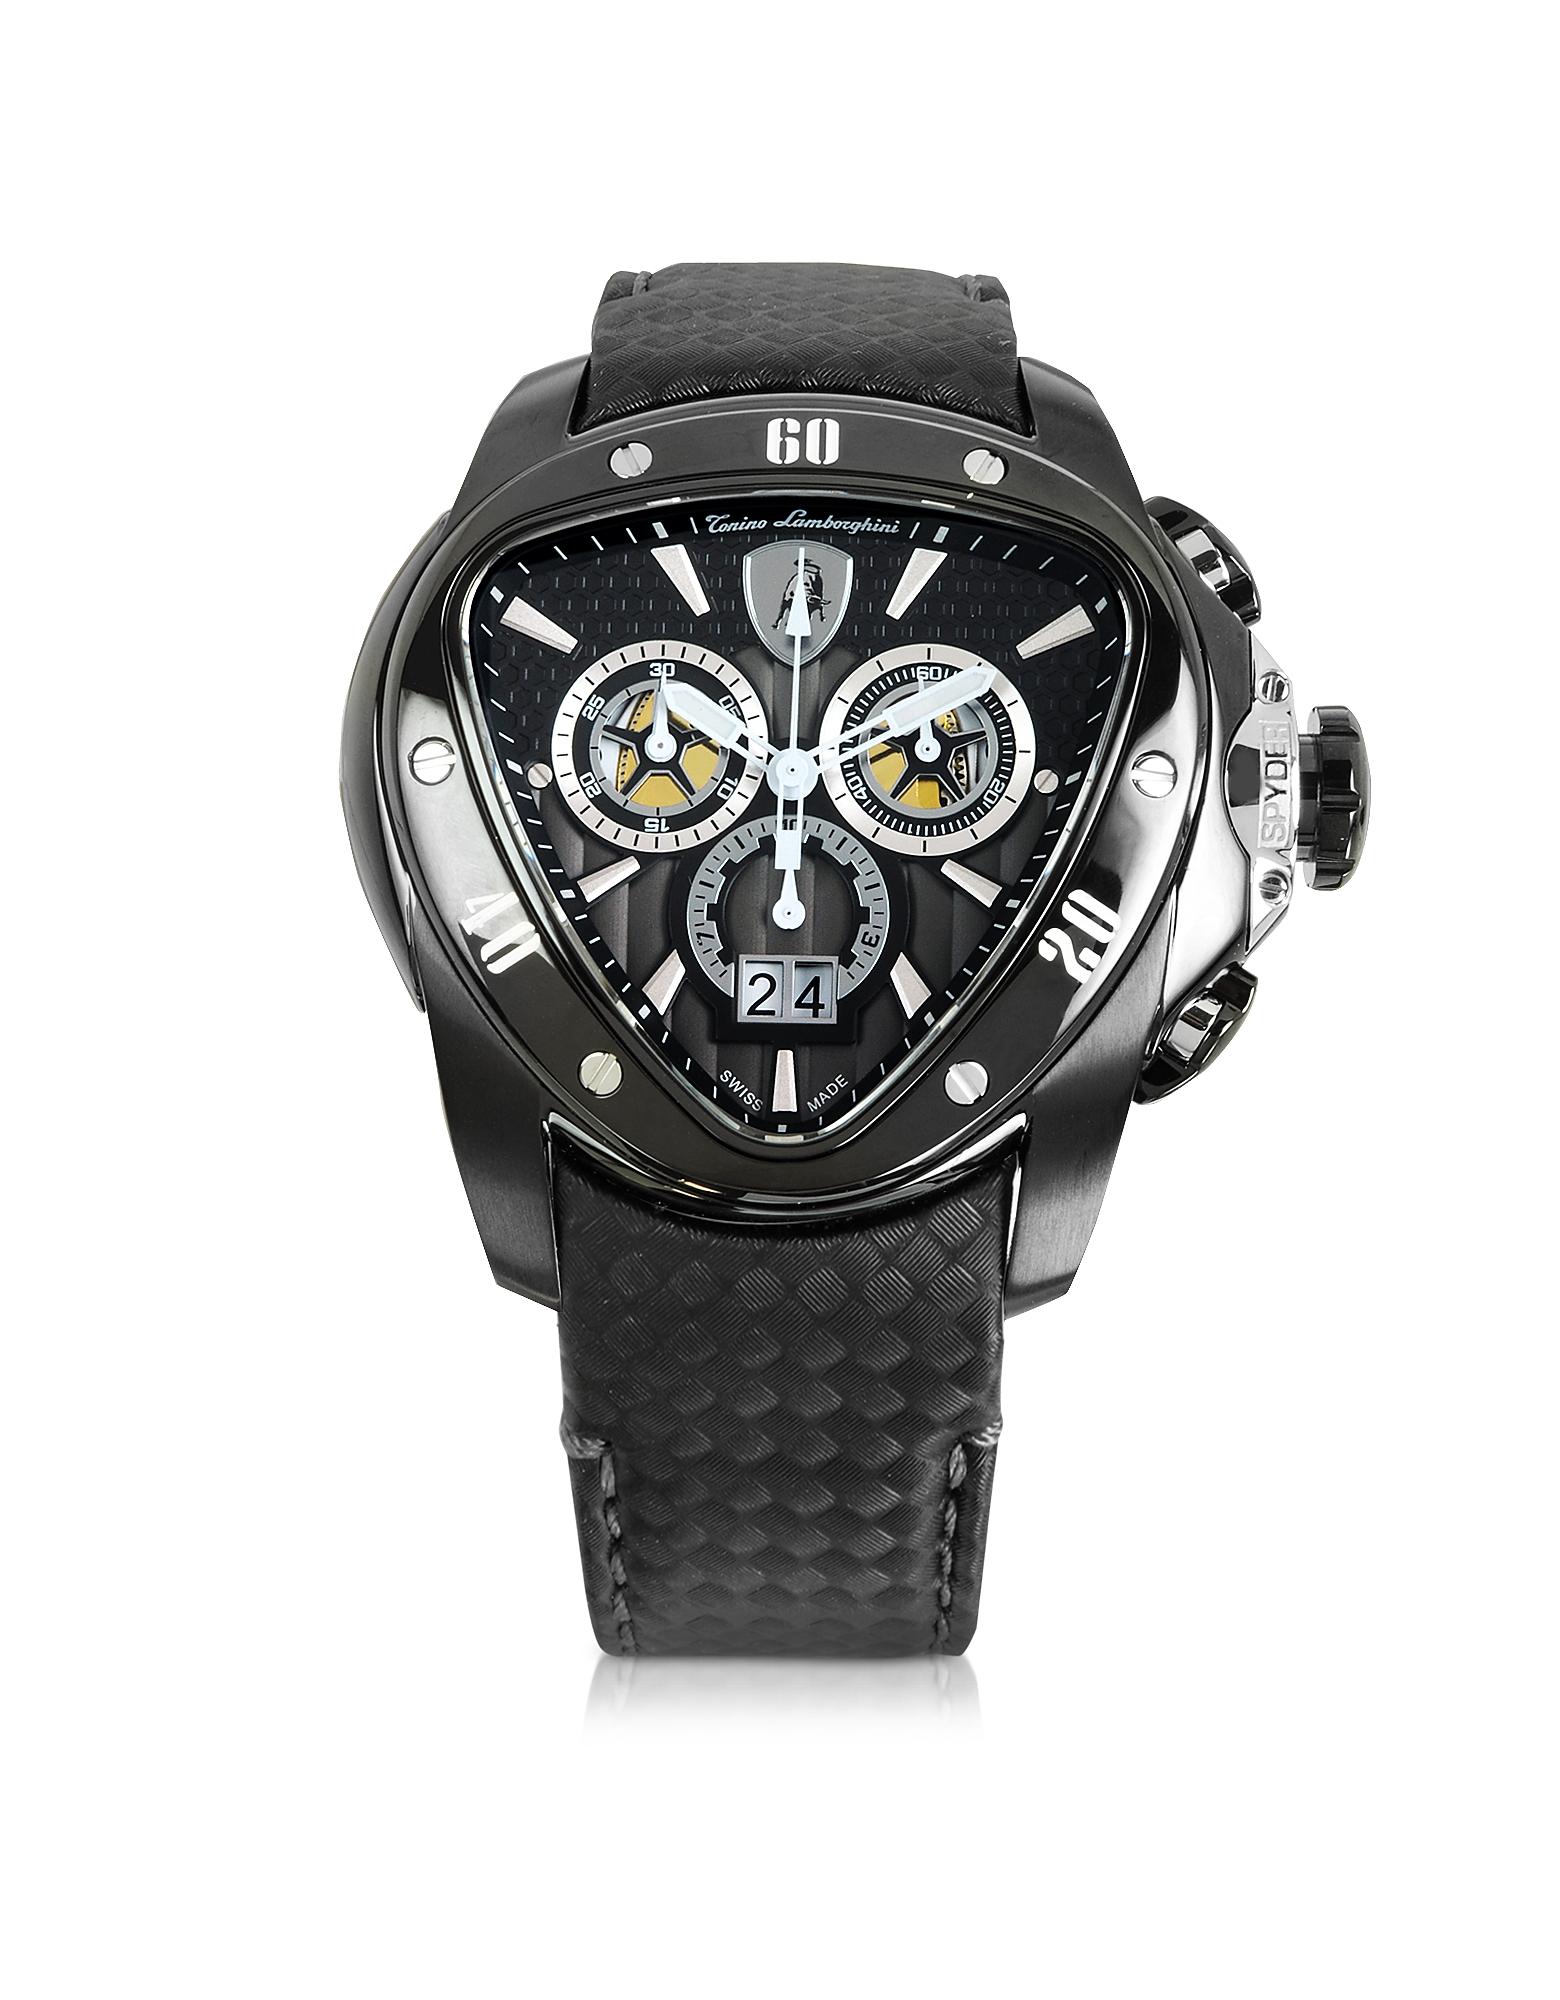 Spyder - Черные Часы Хронограф из Нержавеющей Стали с Ремешком из Углеродного Волокна